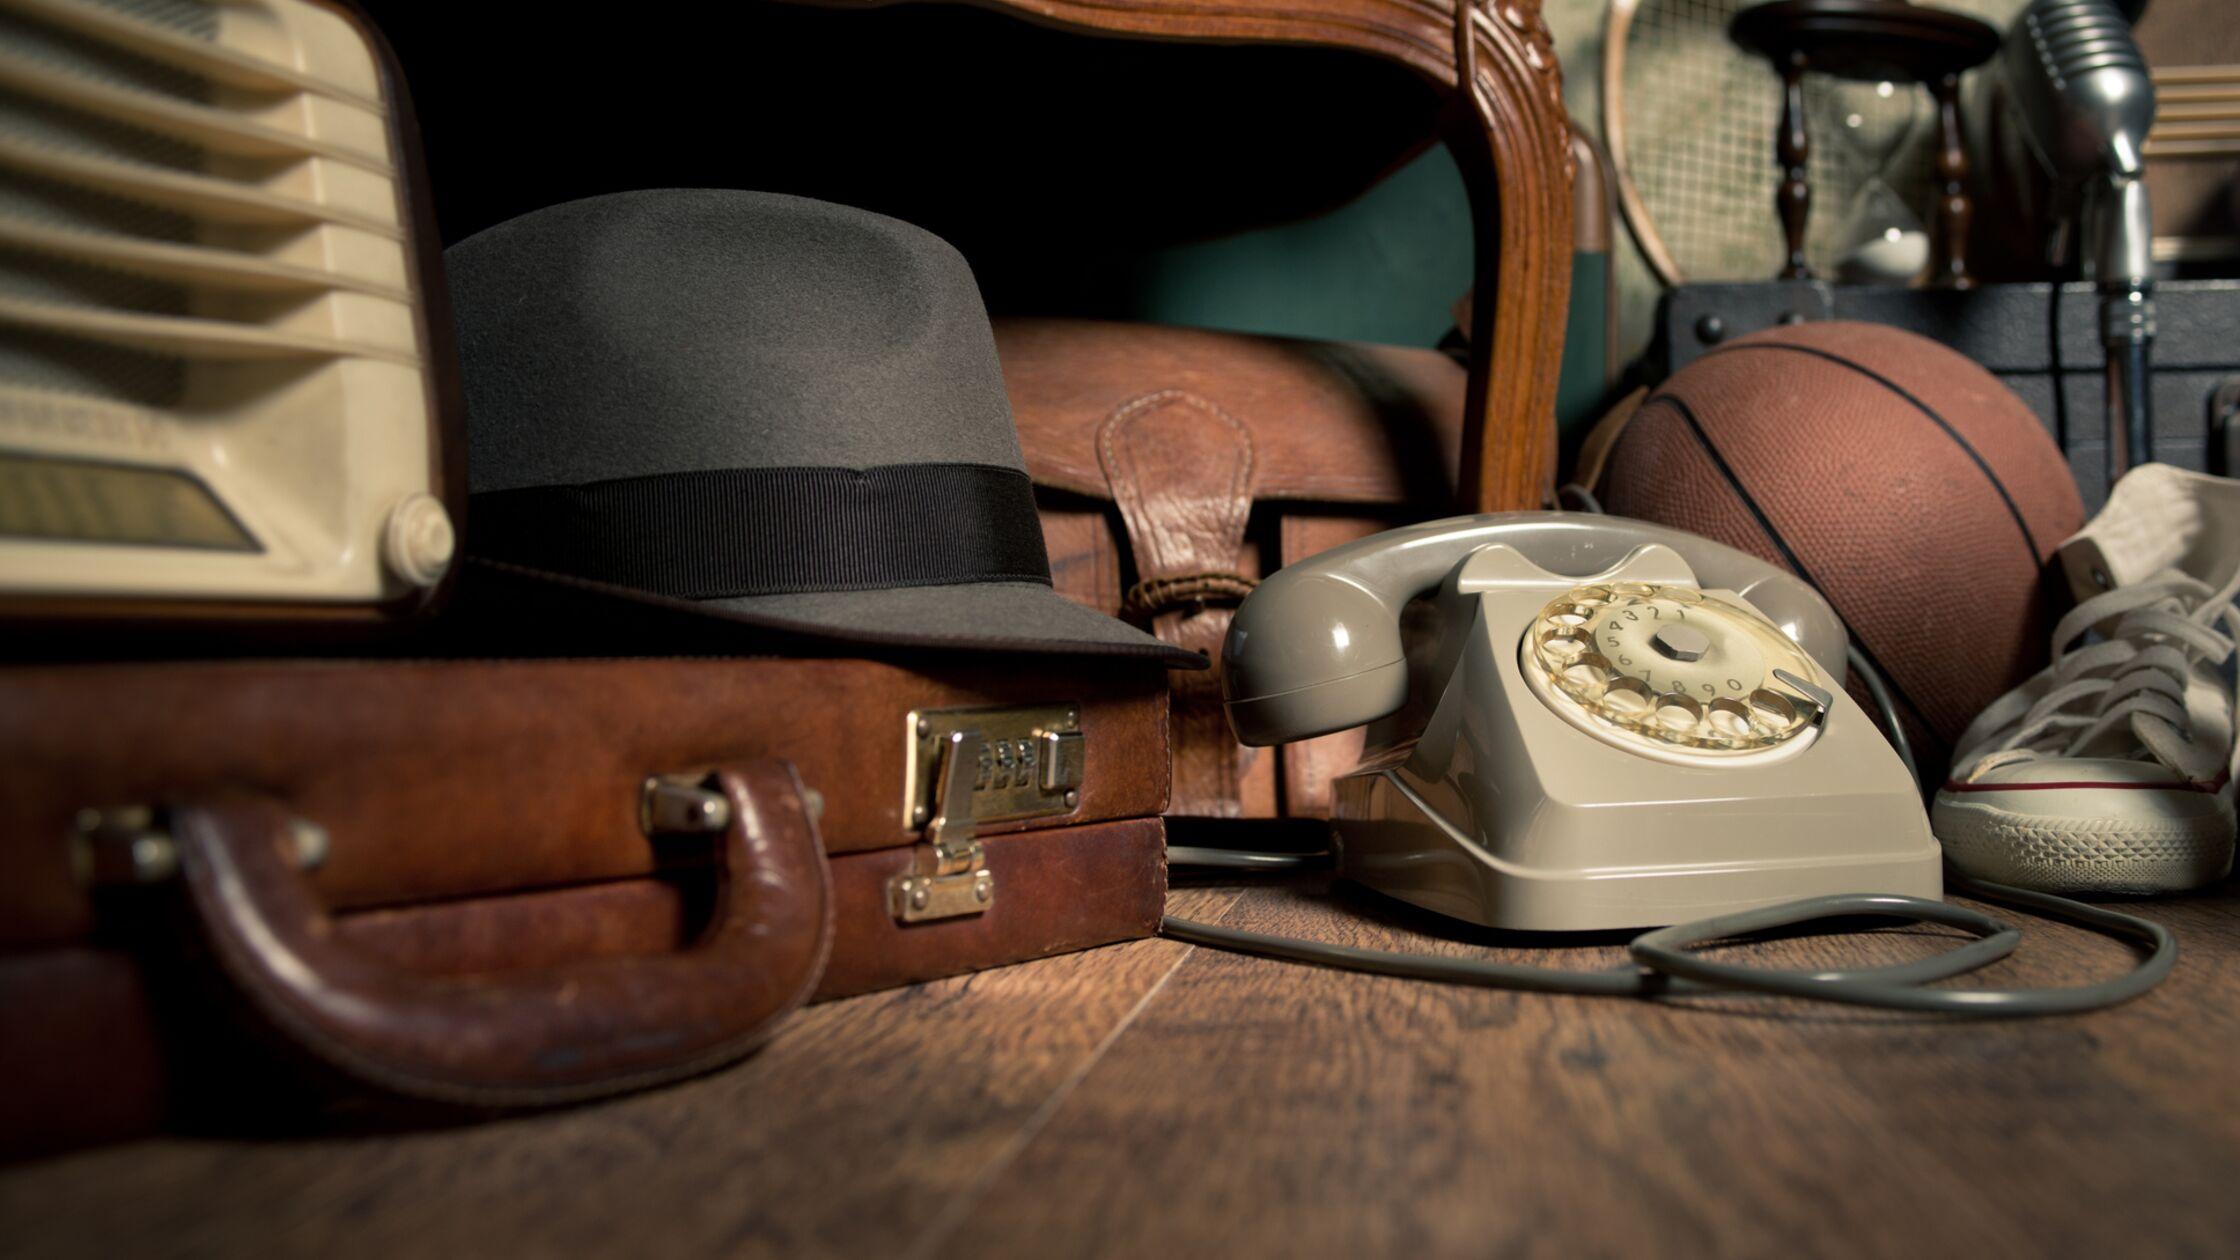 Alte Möbel, Koffer und Telefon aus Omas Wohnung